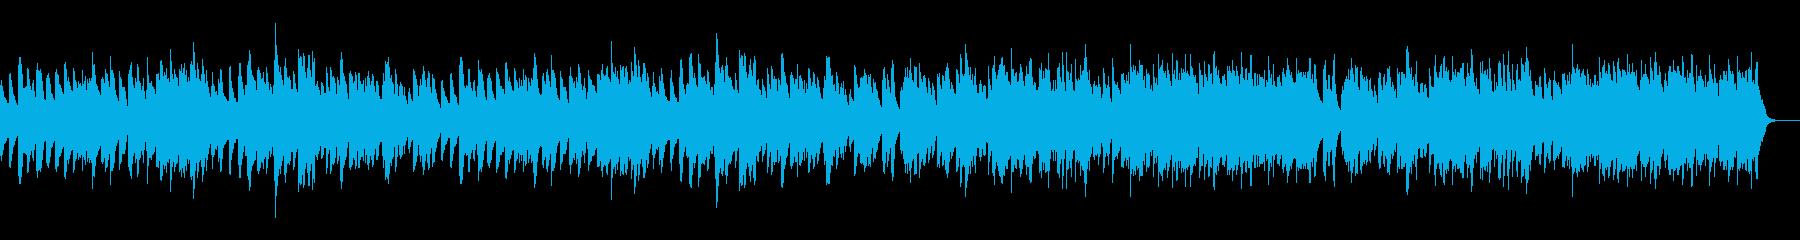 ゴルトベルク変奏曲主題部Full/ピアノの再生済みの波形